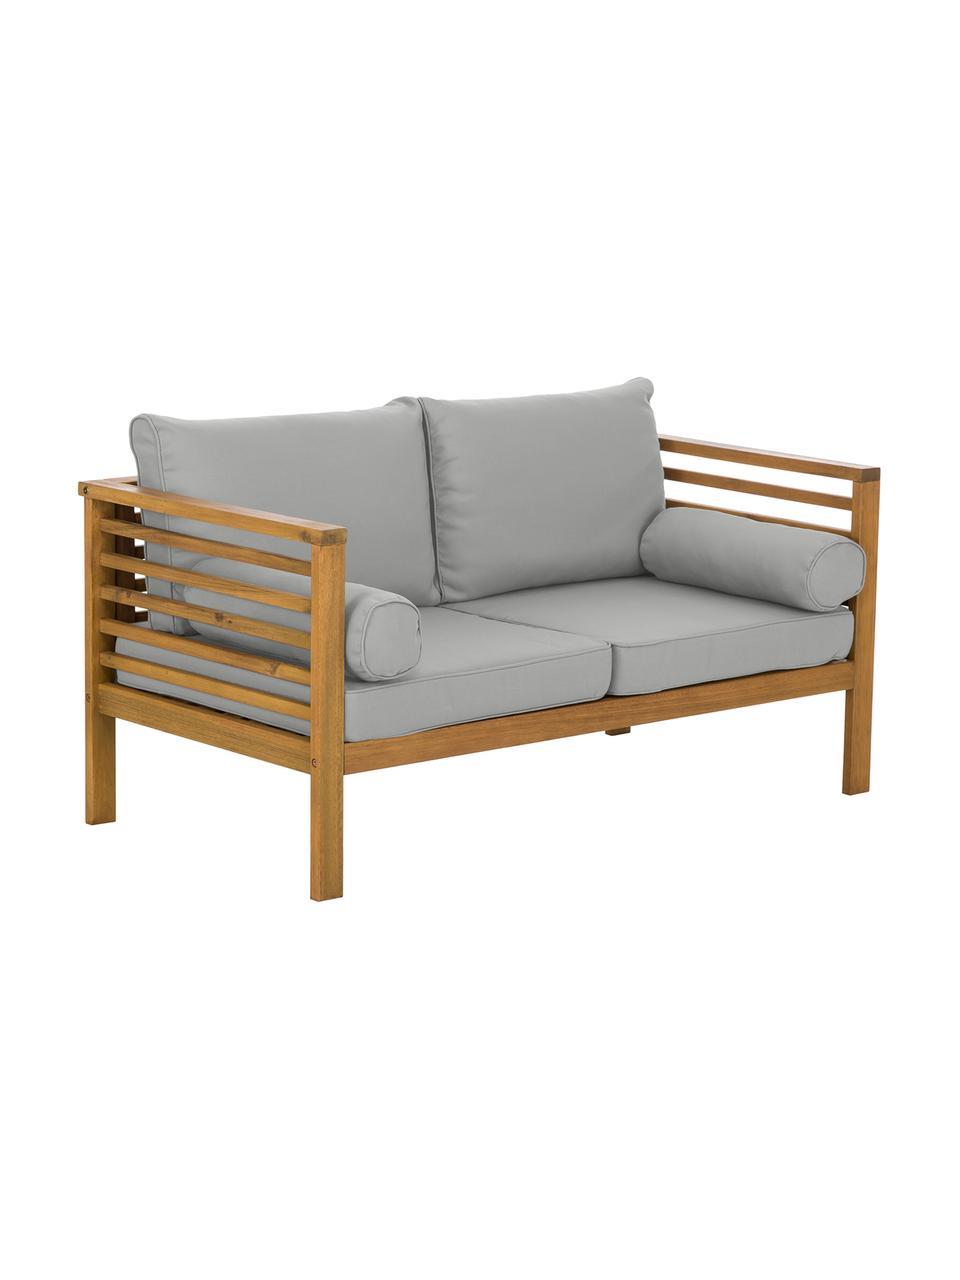 Salotto da giardino Bo 4 pz, Rivestimento: poliestere (resistente ai, Rivestimenti: grigio Struttura: legno d'acacia, Set in varie misure